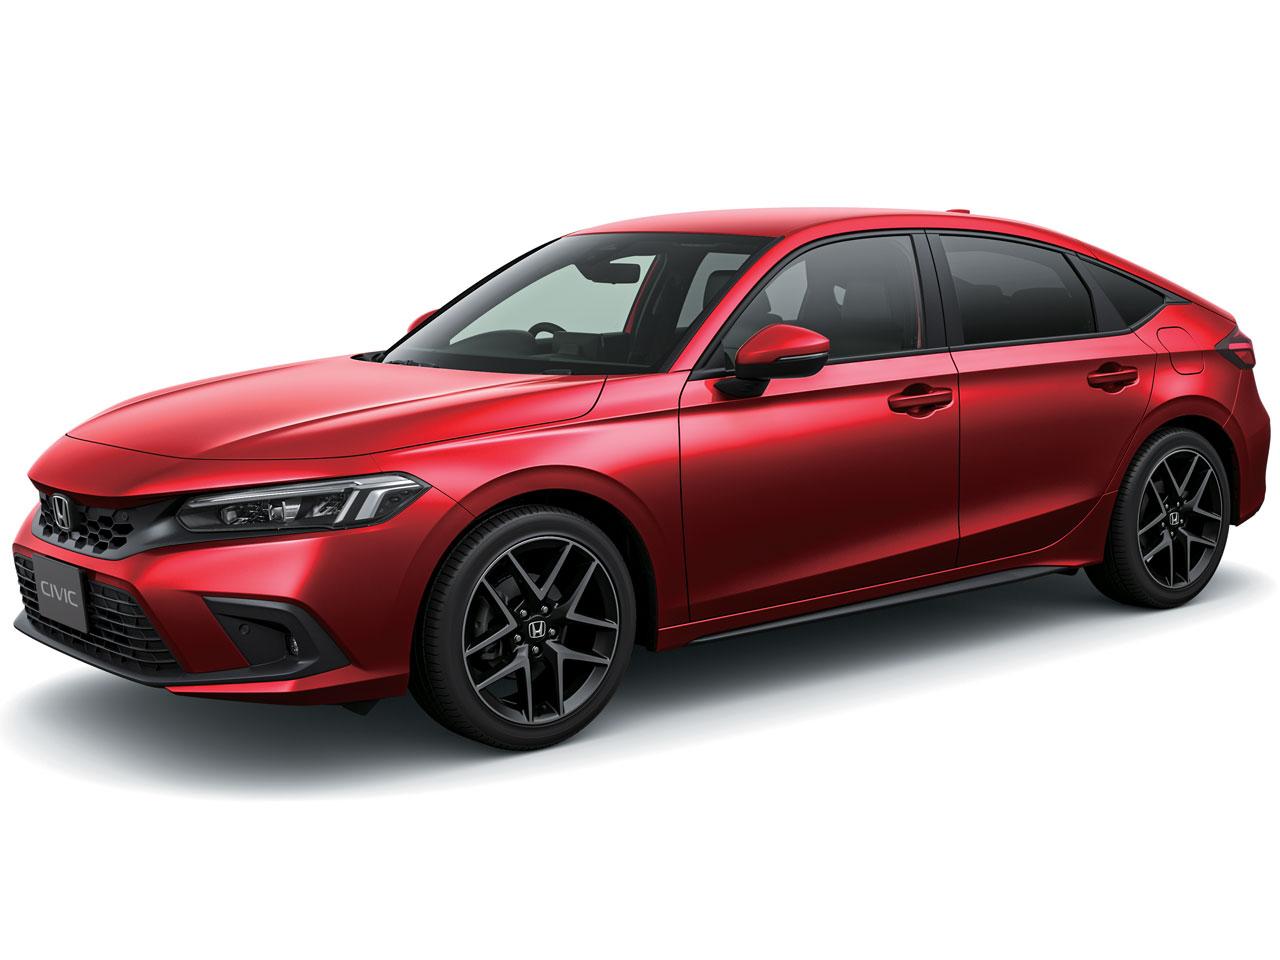 ホンダ シビック 2021年モデル 新車画像